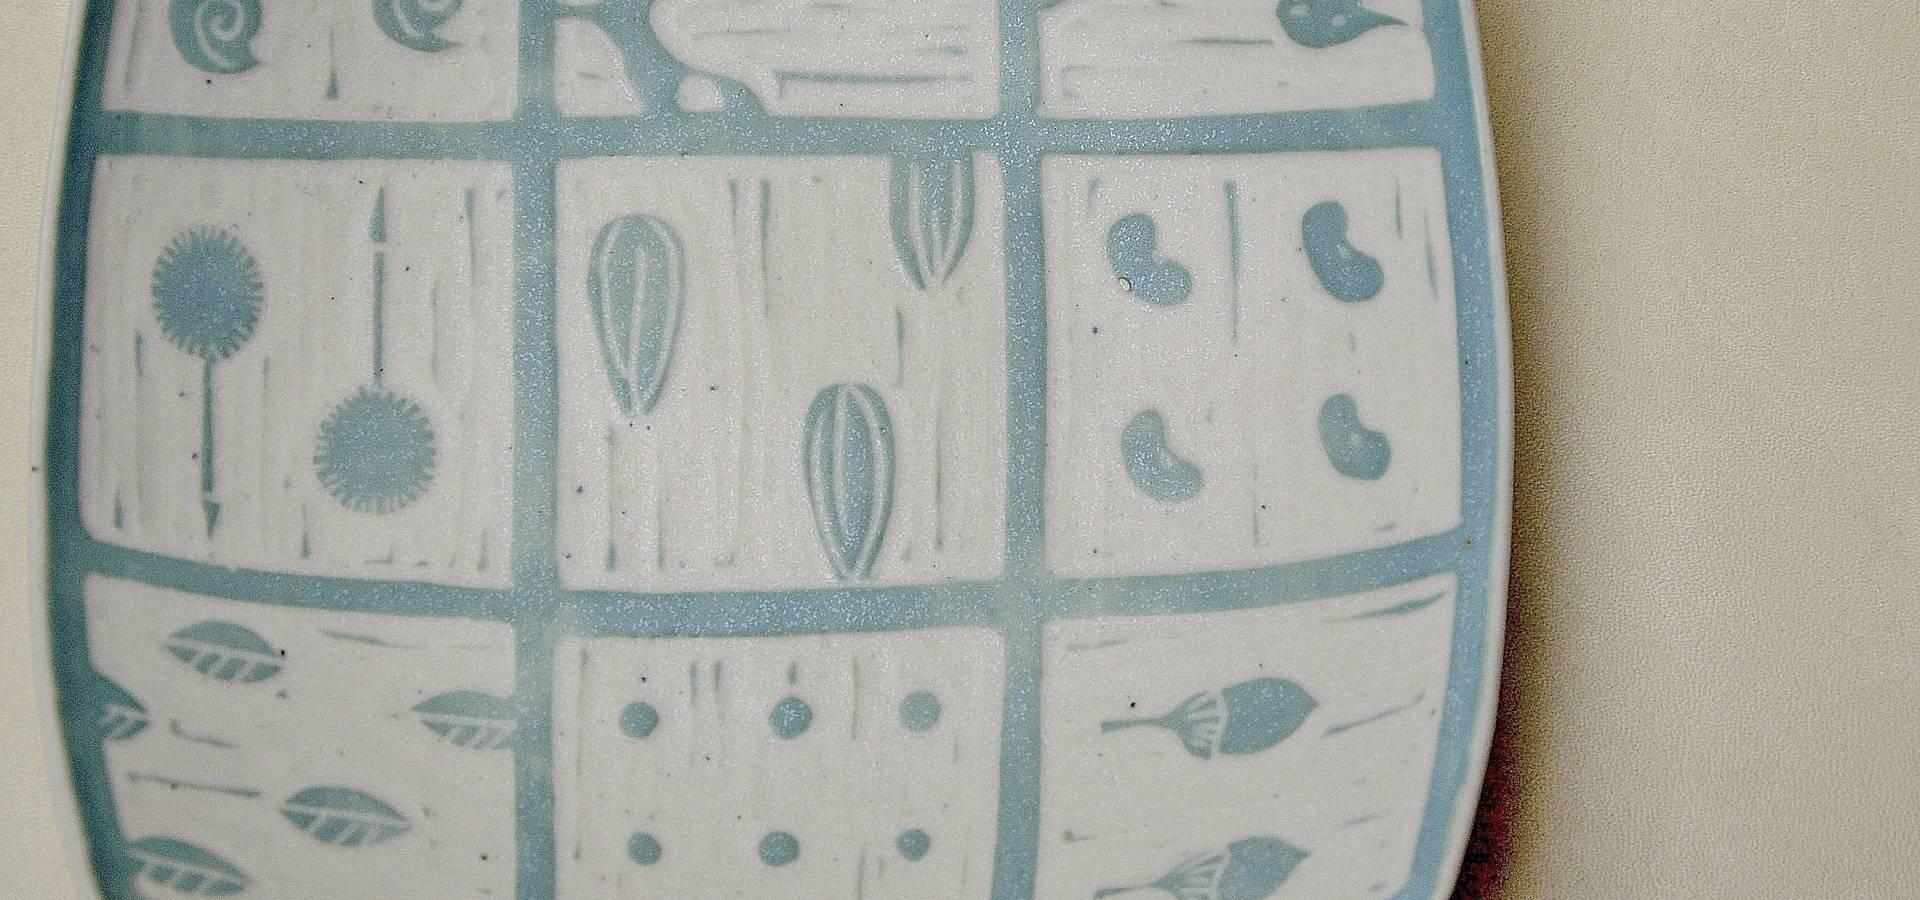 claytudio tenohira